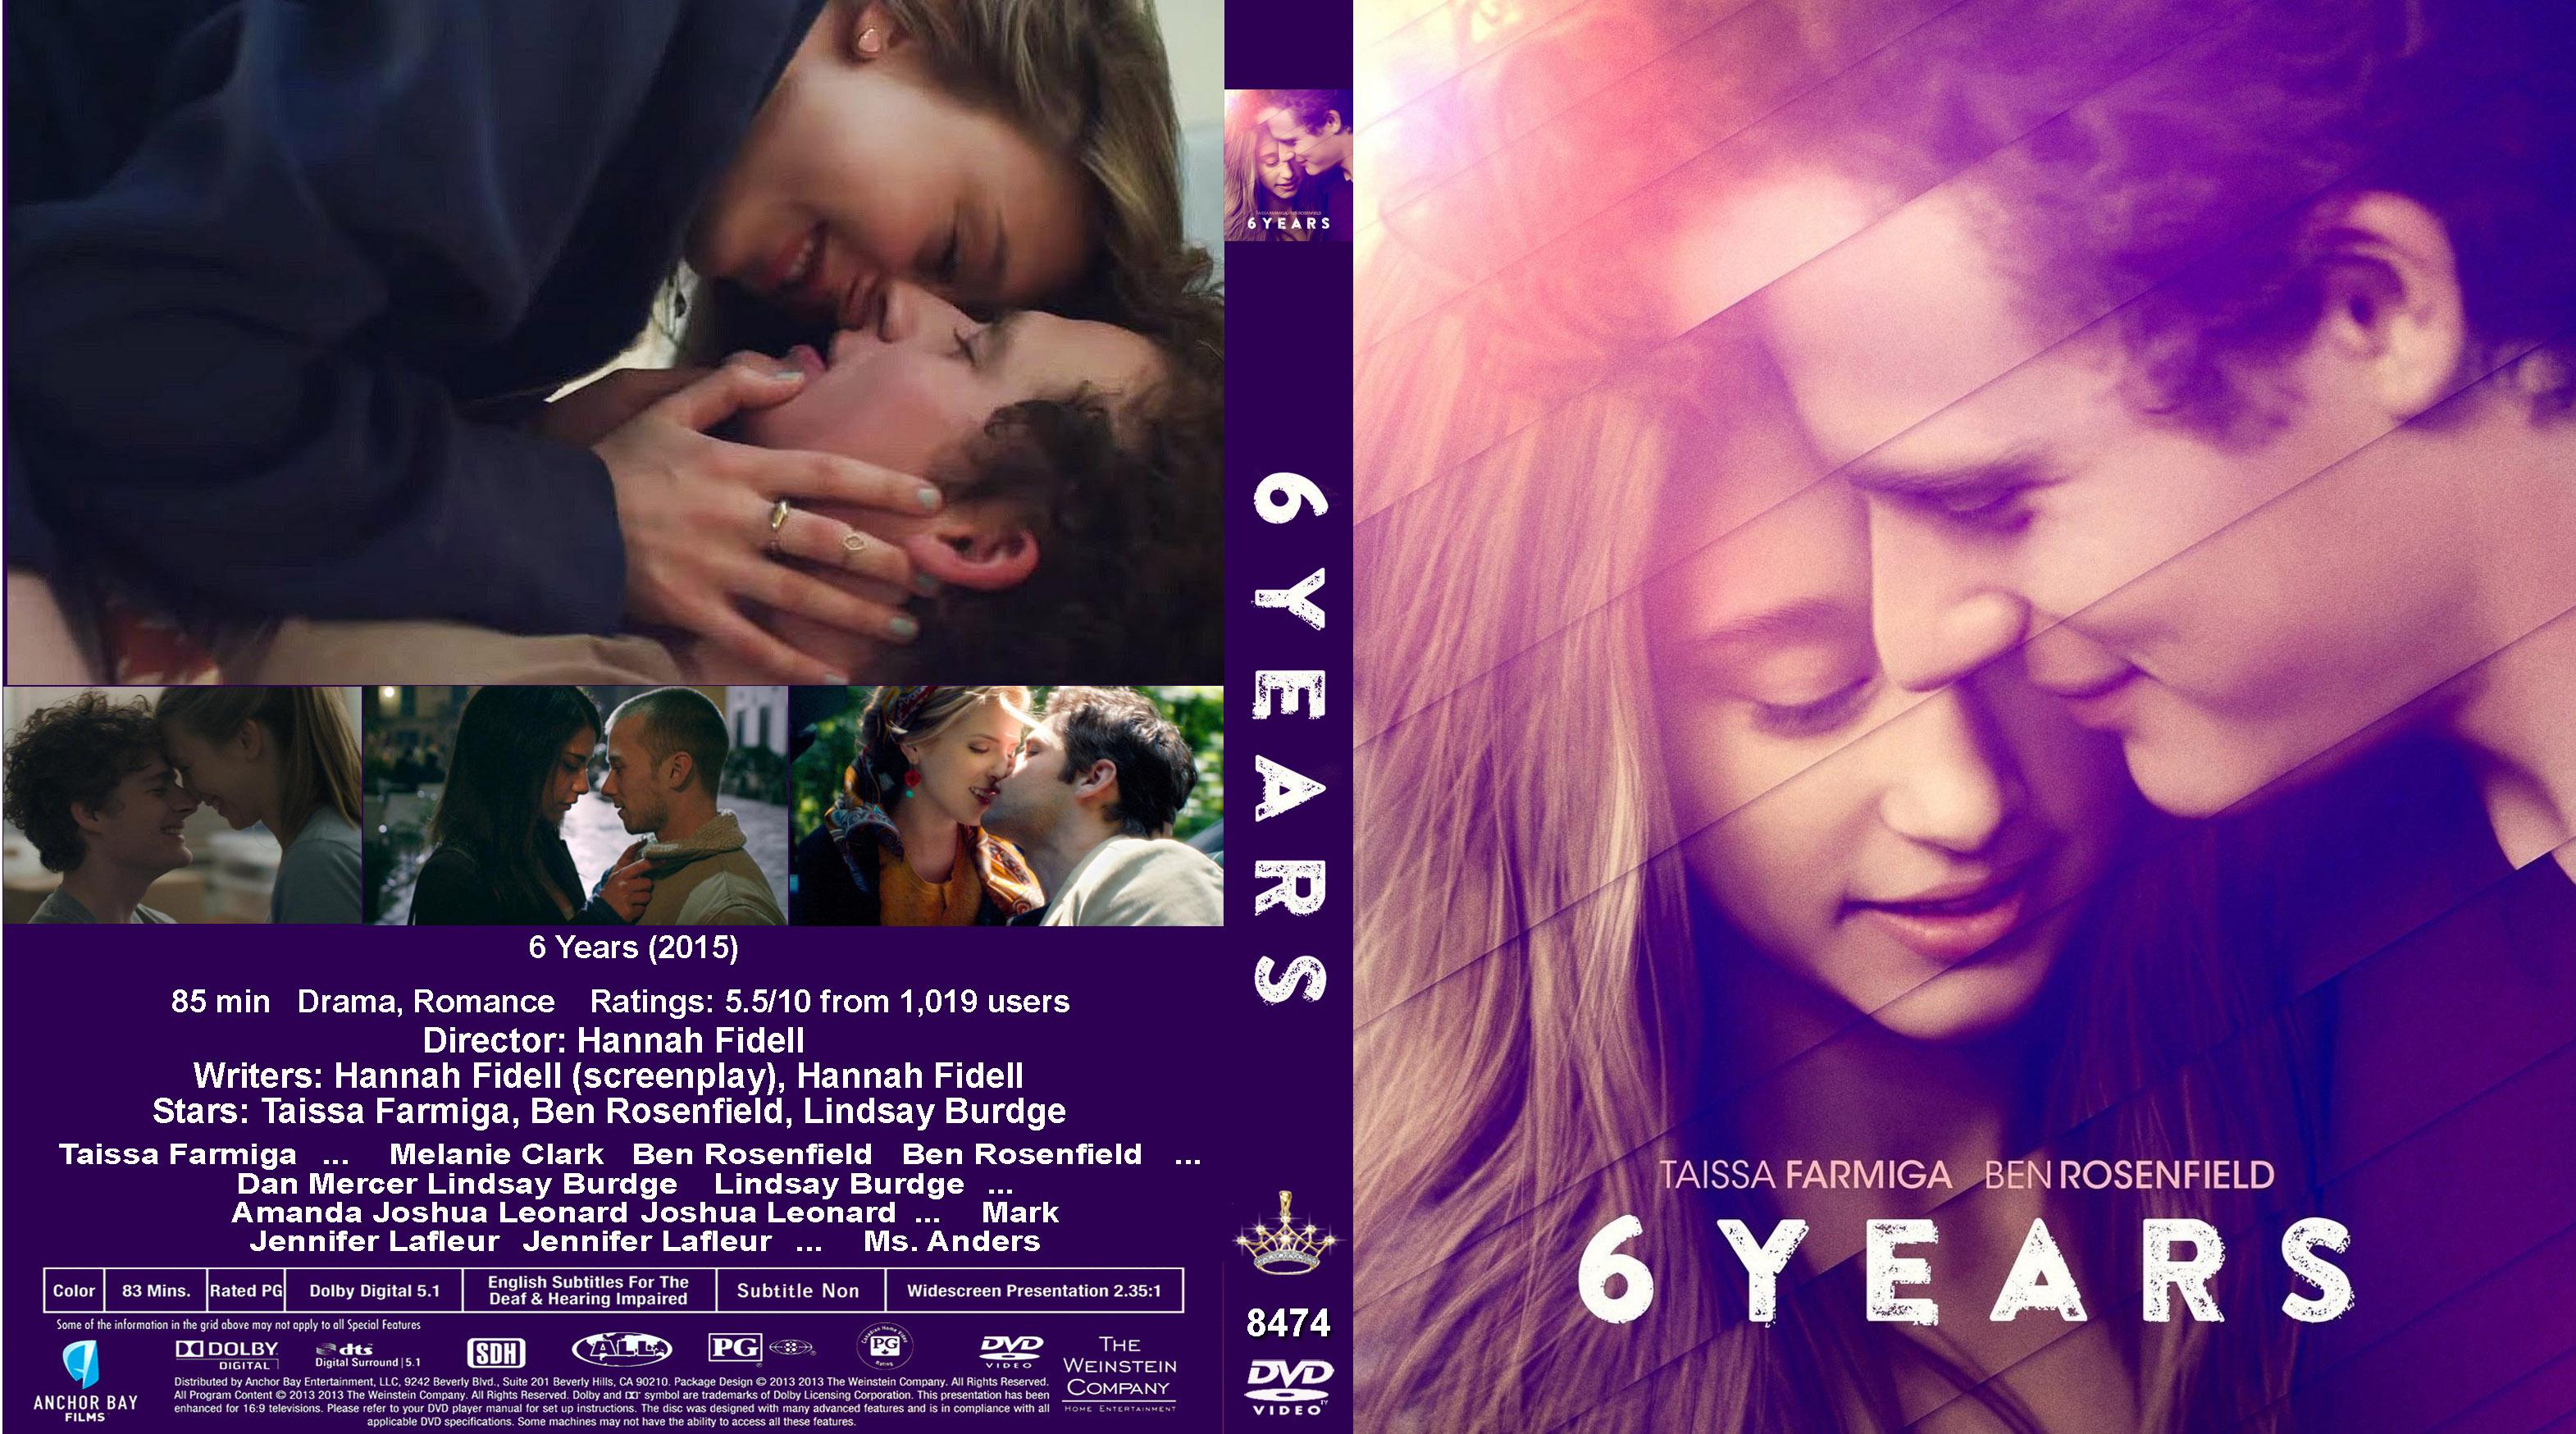 filme de dragoste drama